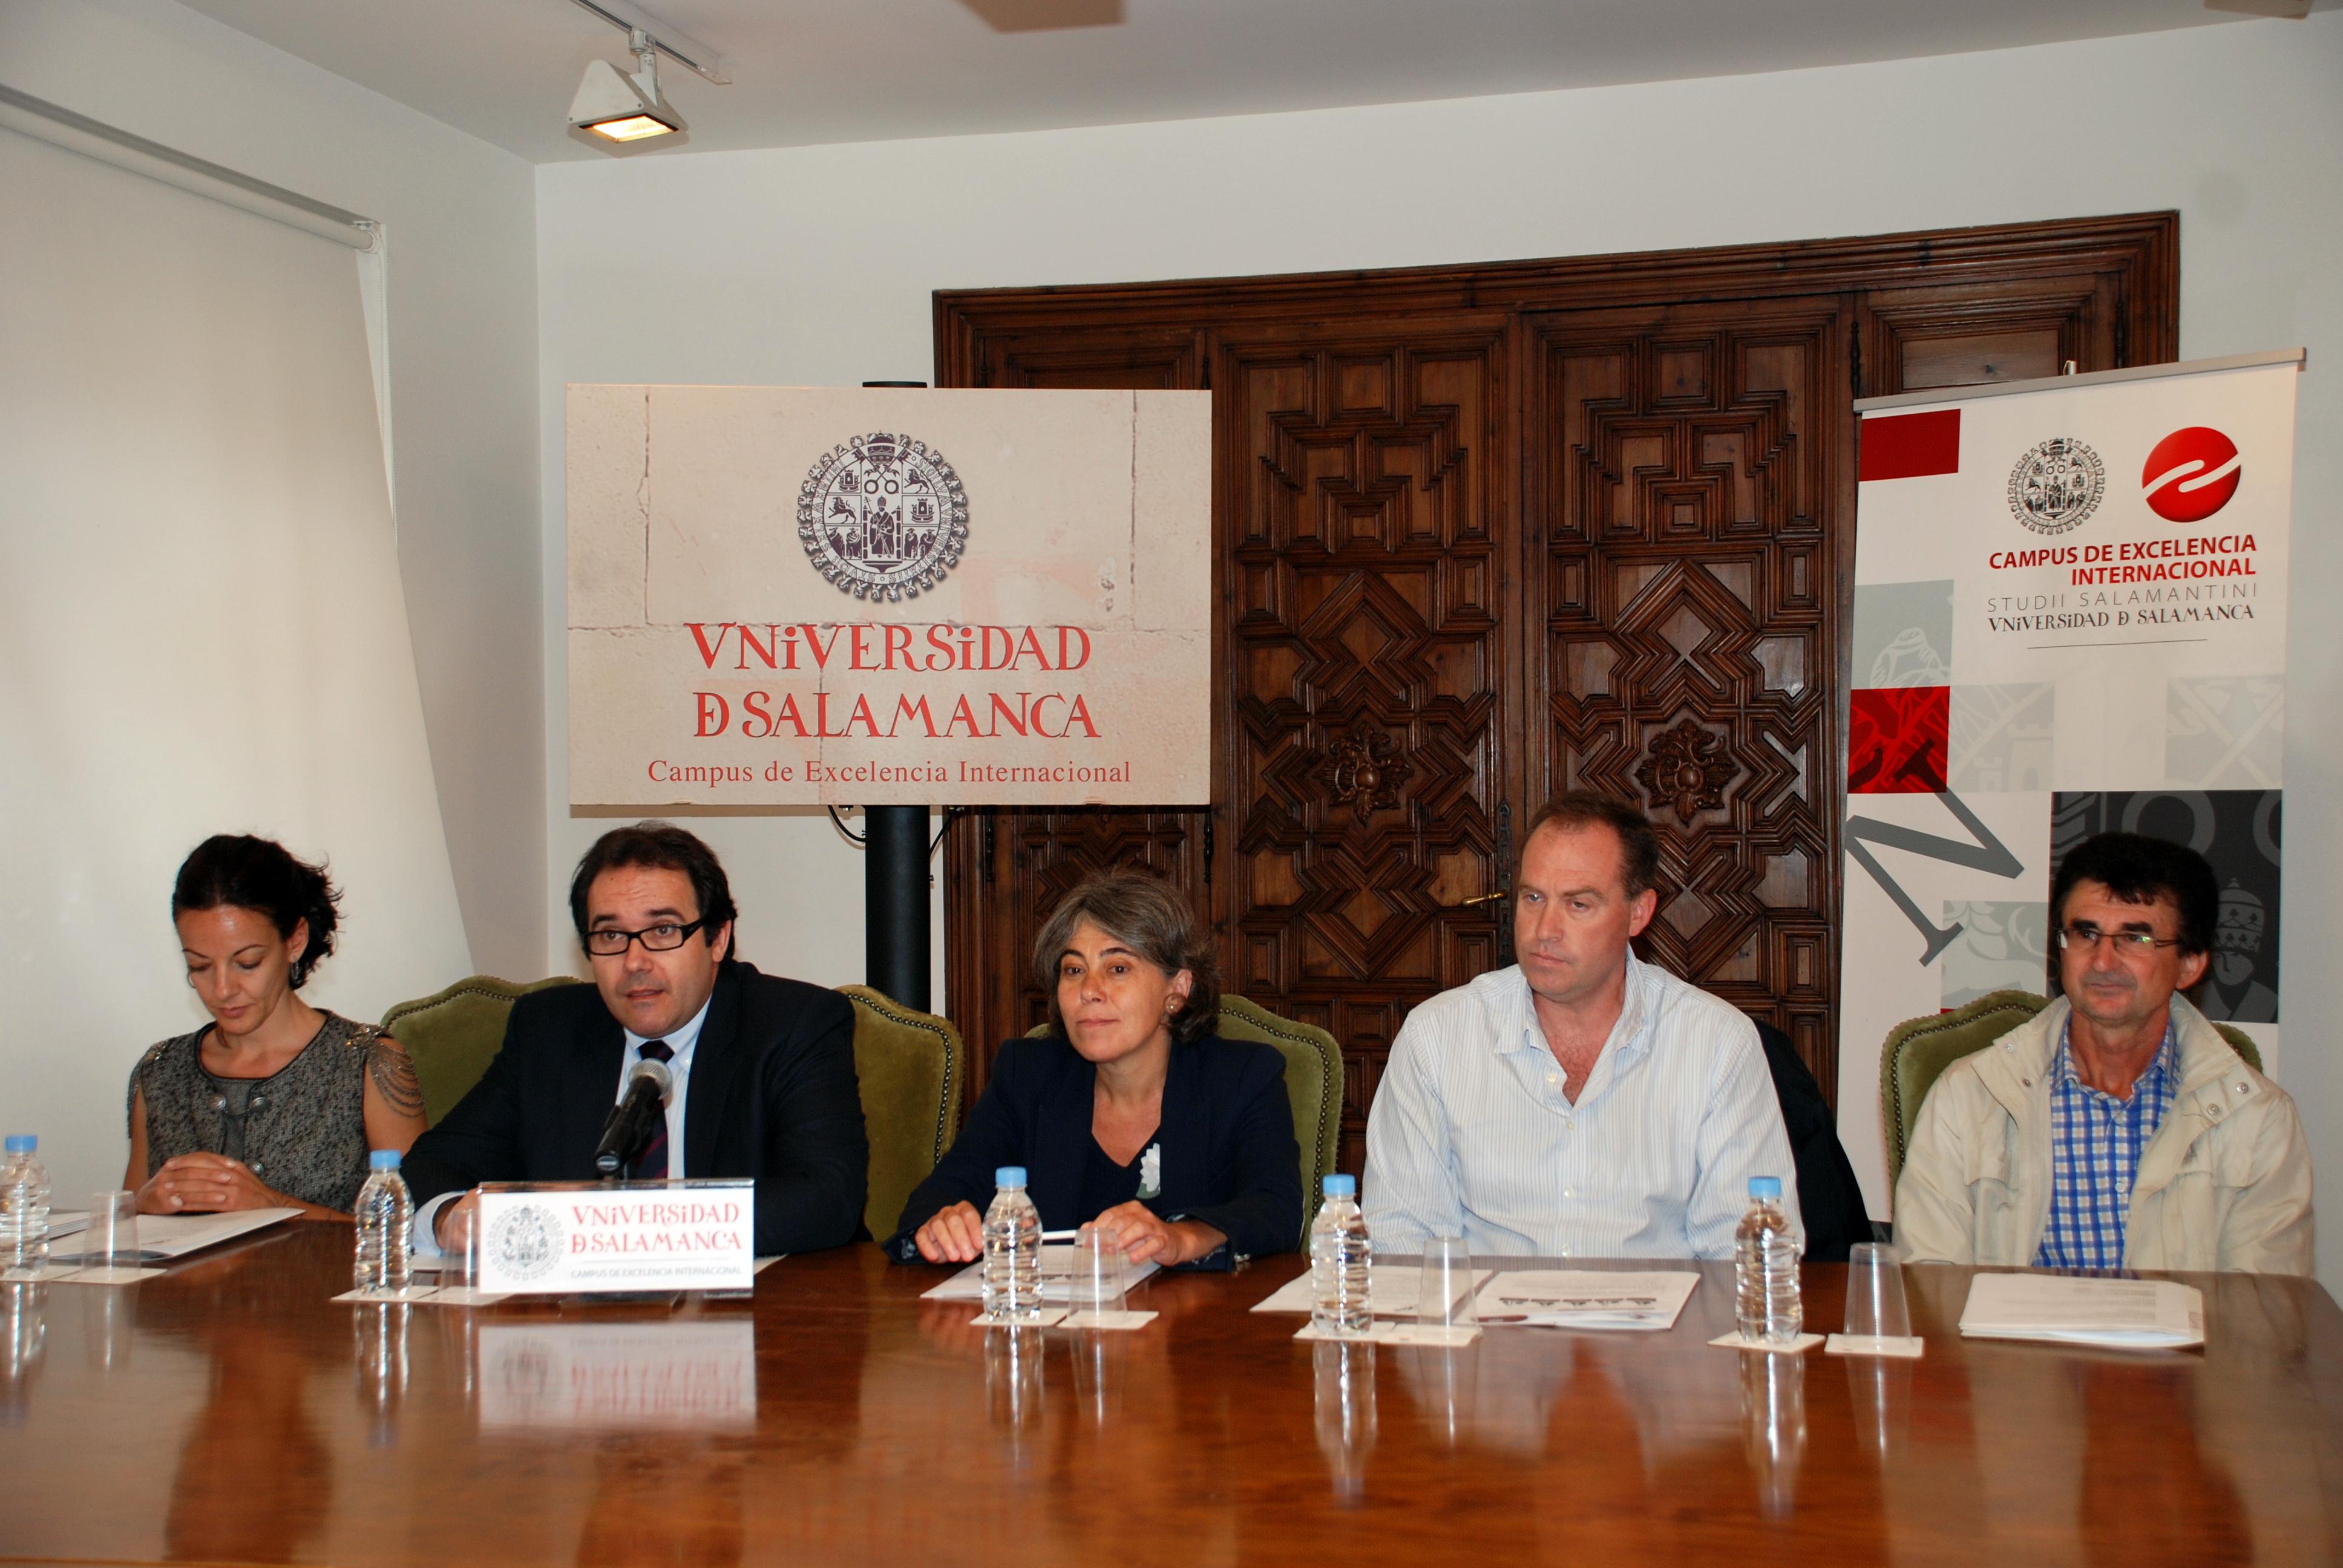 La vicerrectora de Estudiantes, Cristina Pita, presenta la V Carrera Popular Cise - Universidad de Salamanca